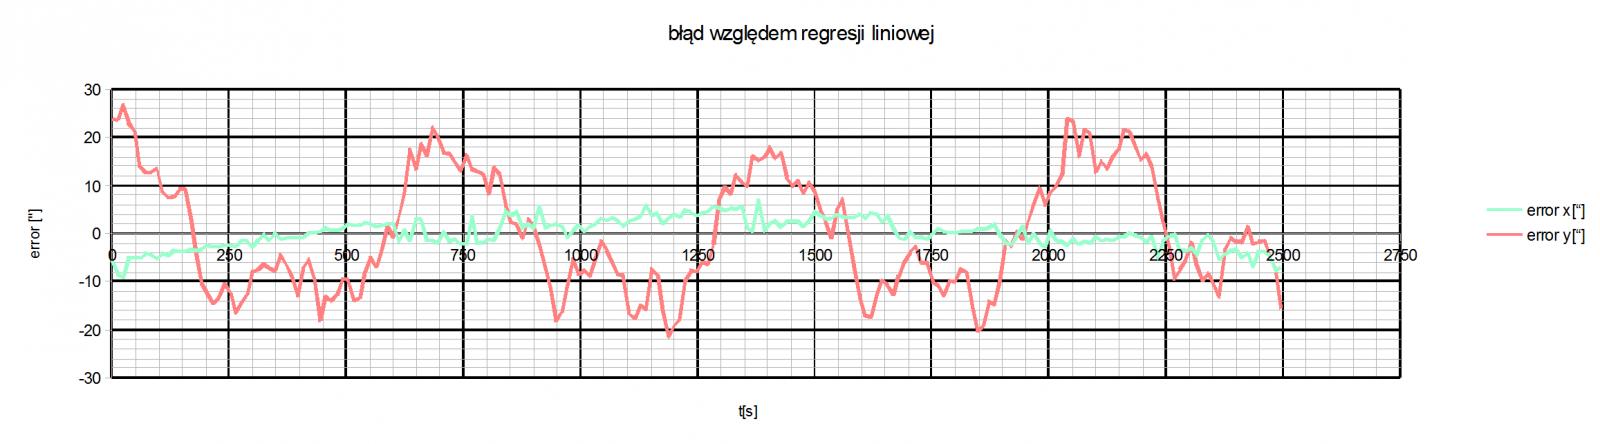 wykres_blad_wzgledny_30kwietnia_no_compensation.png